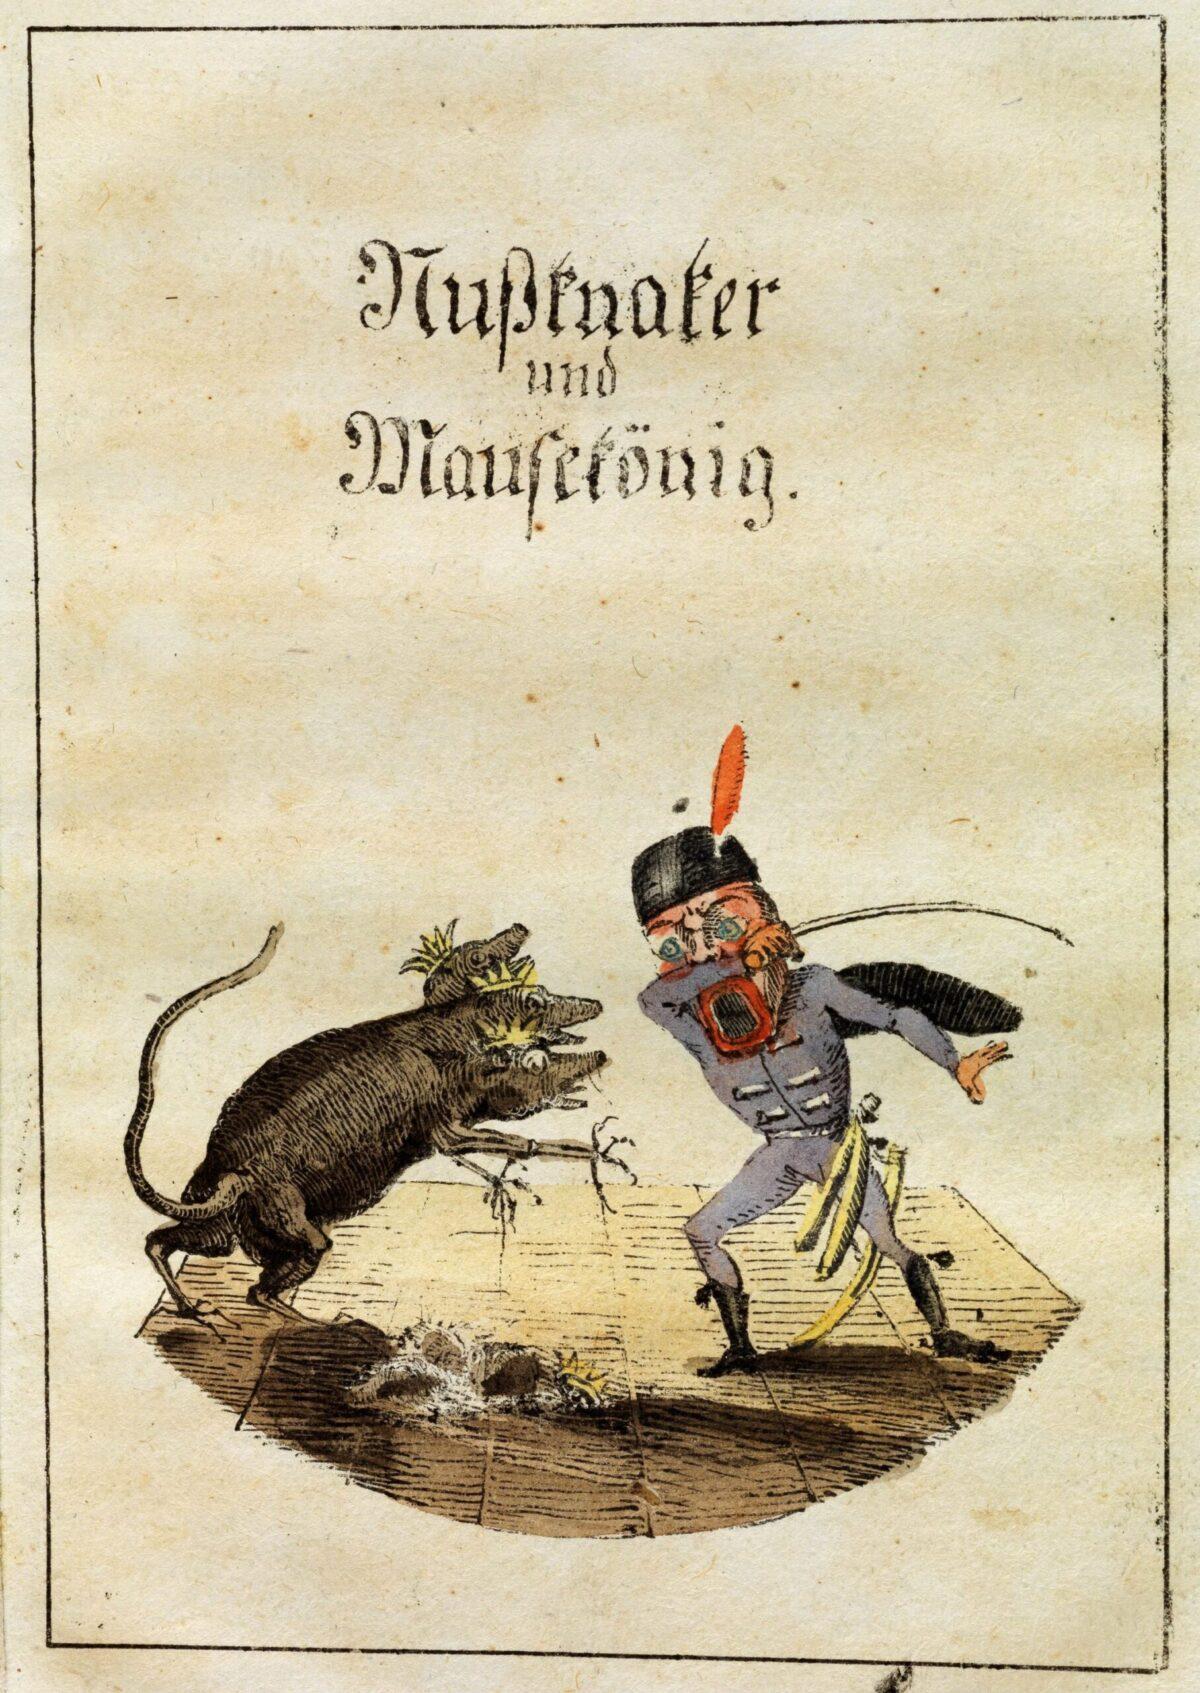 Mio caro fumetto... - Nußknacker und Mausekönig con illustrazioni di Hoffmann